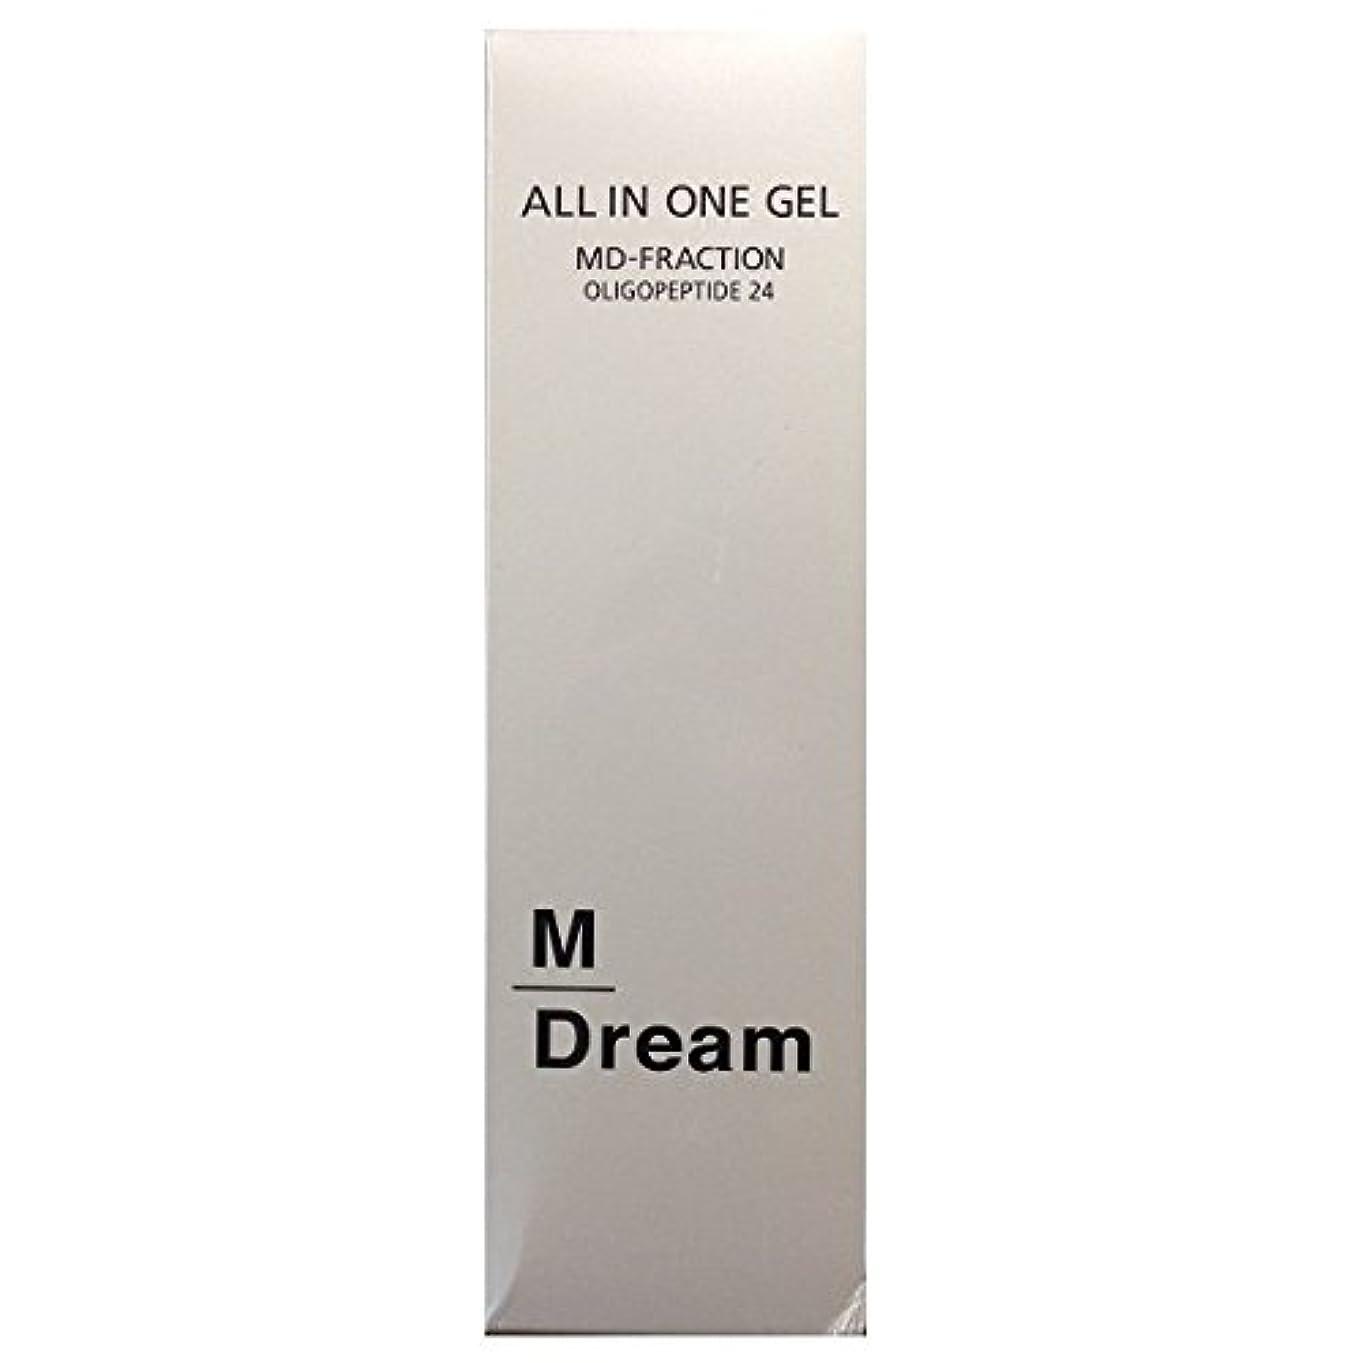 規則性カヌー火エムスリー MDオールインワンジェル M Dream